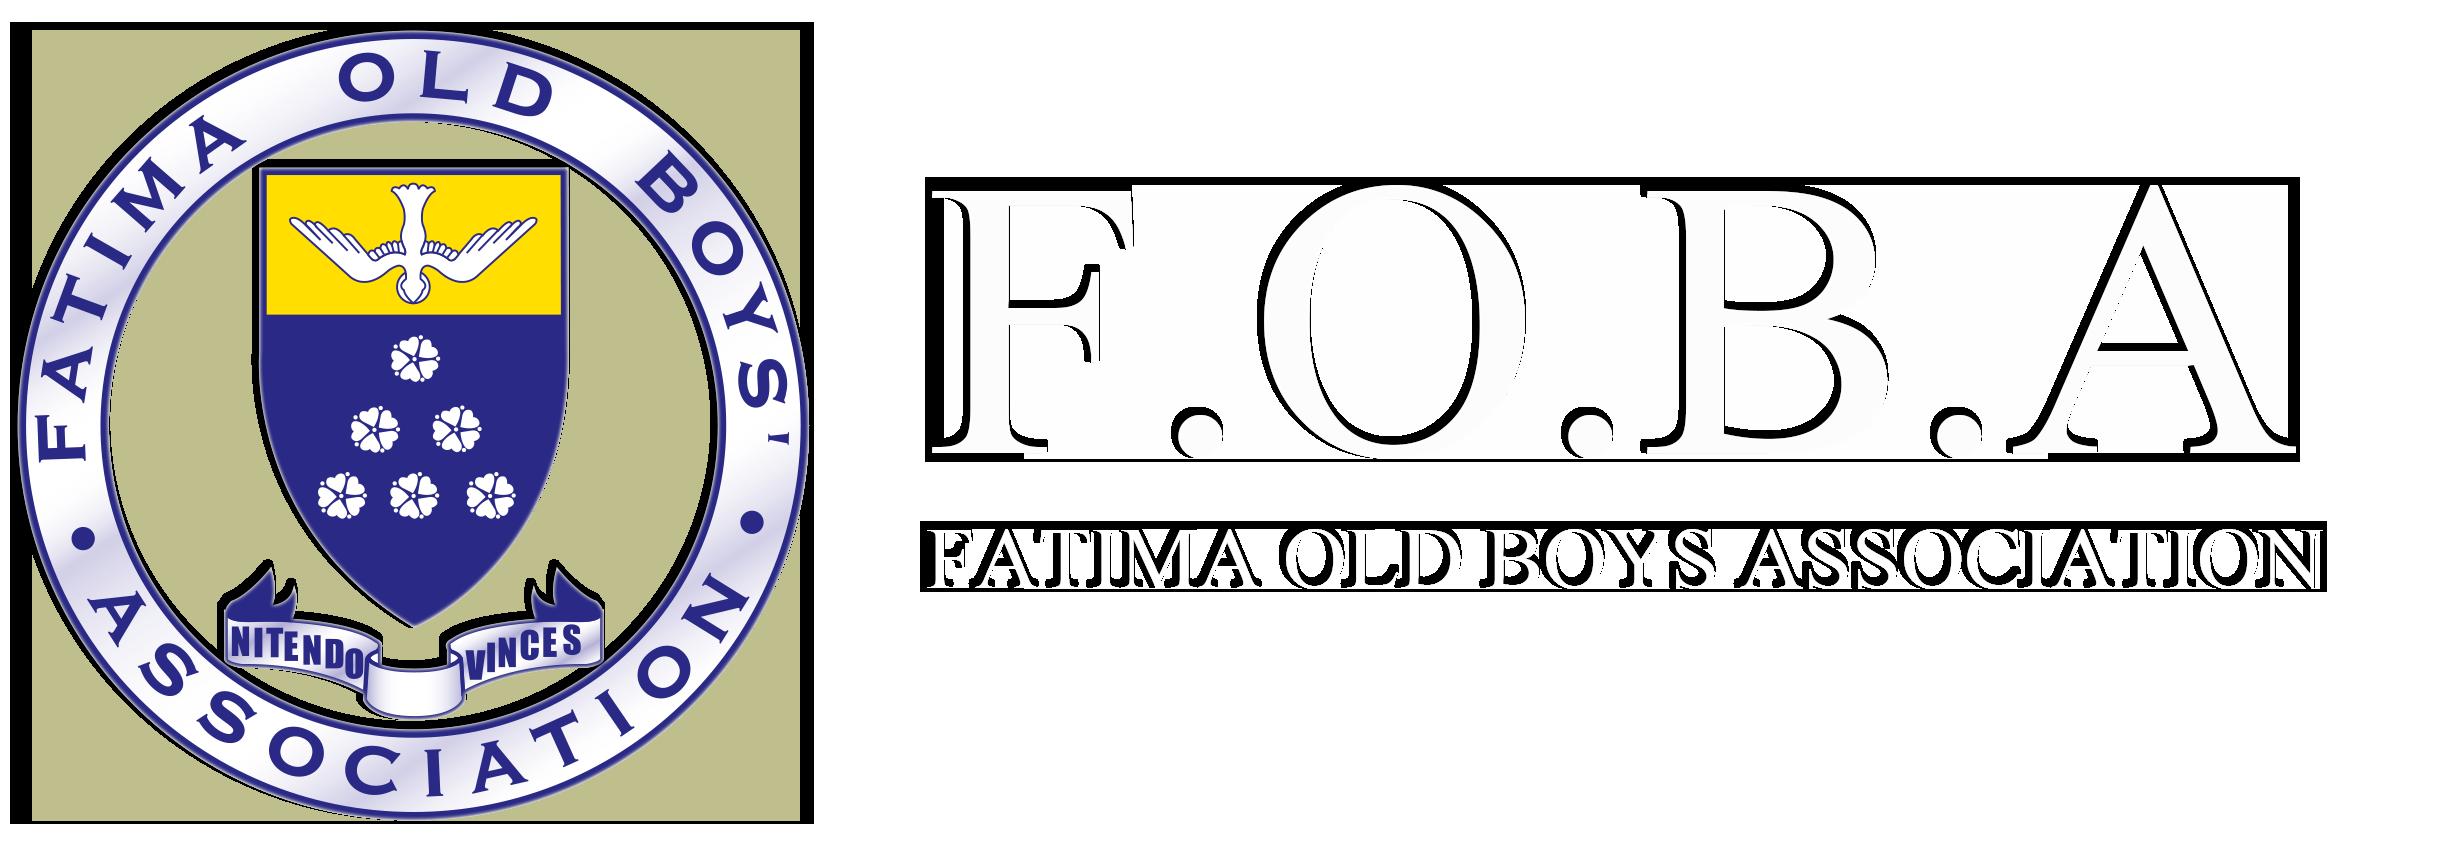 Fatima Old Boys Association